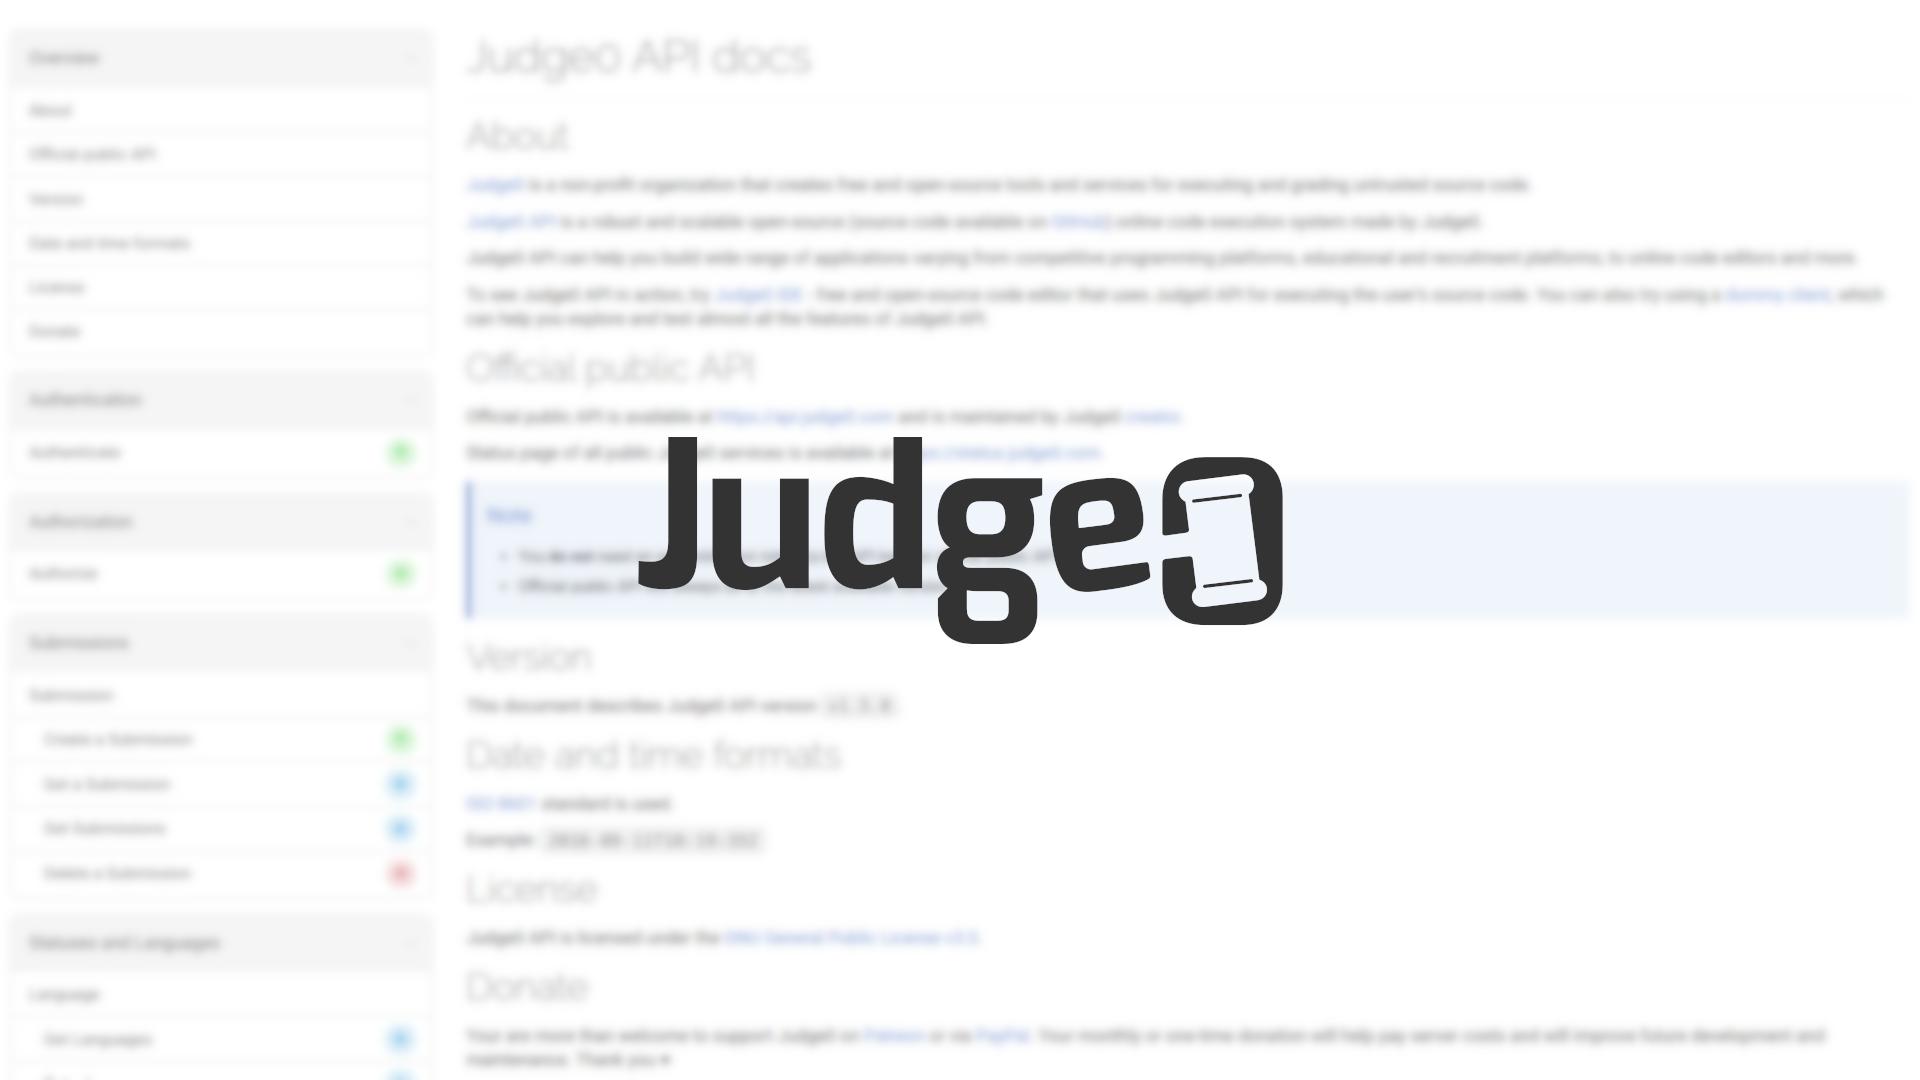 Judge0 Wallpaper